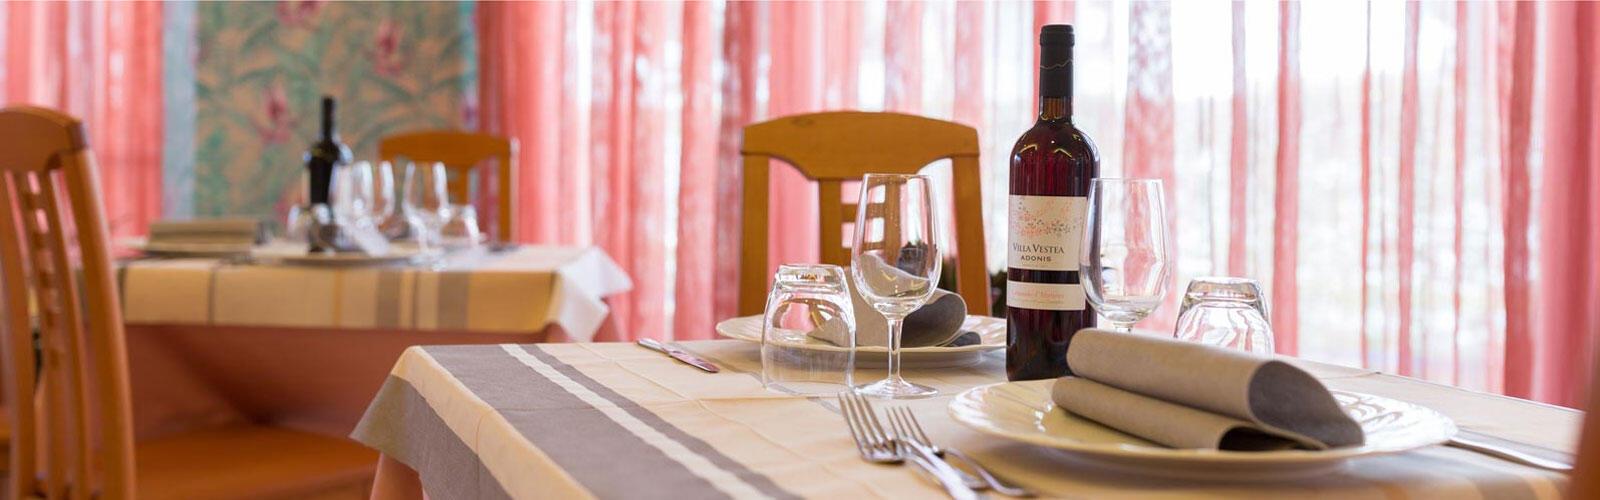 hotellaninfea en the-restaurant 003